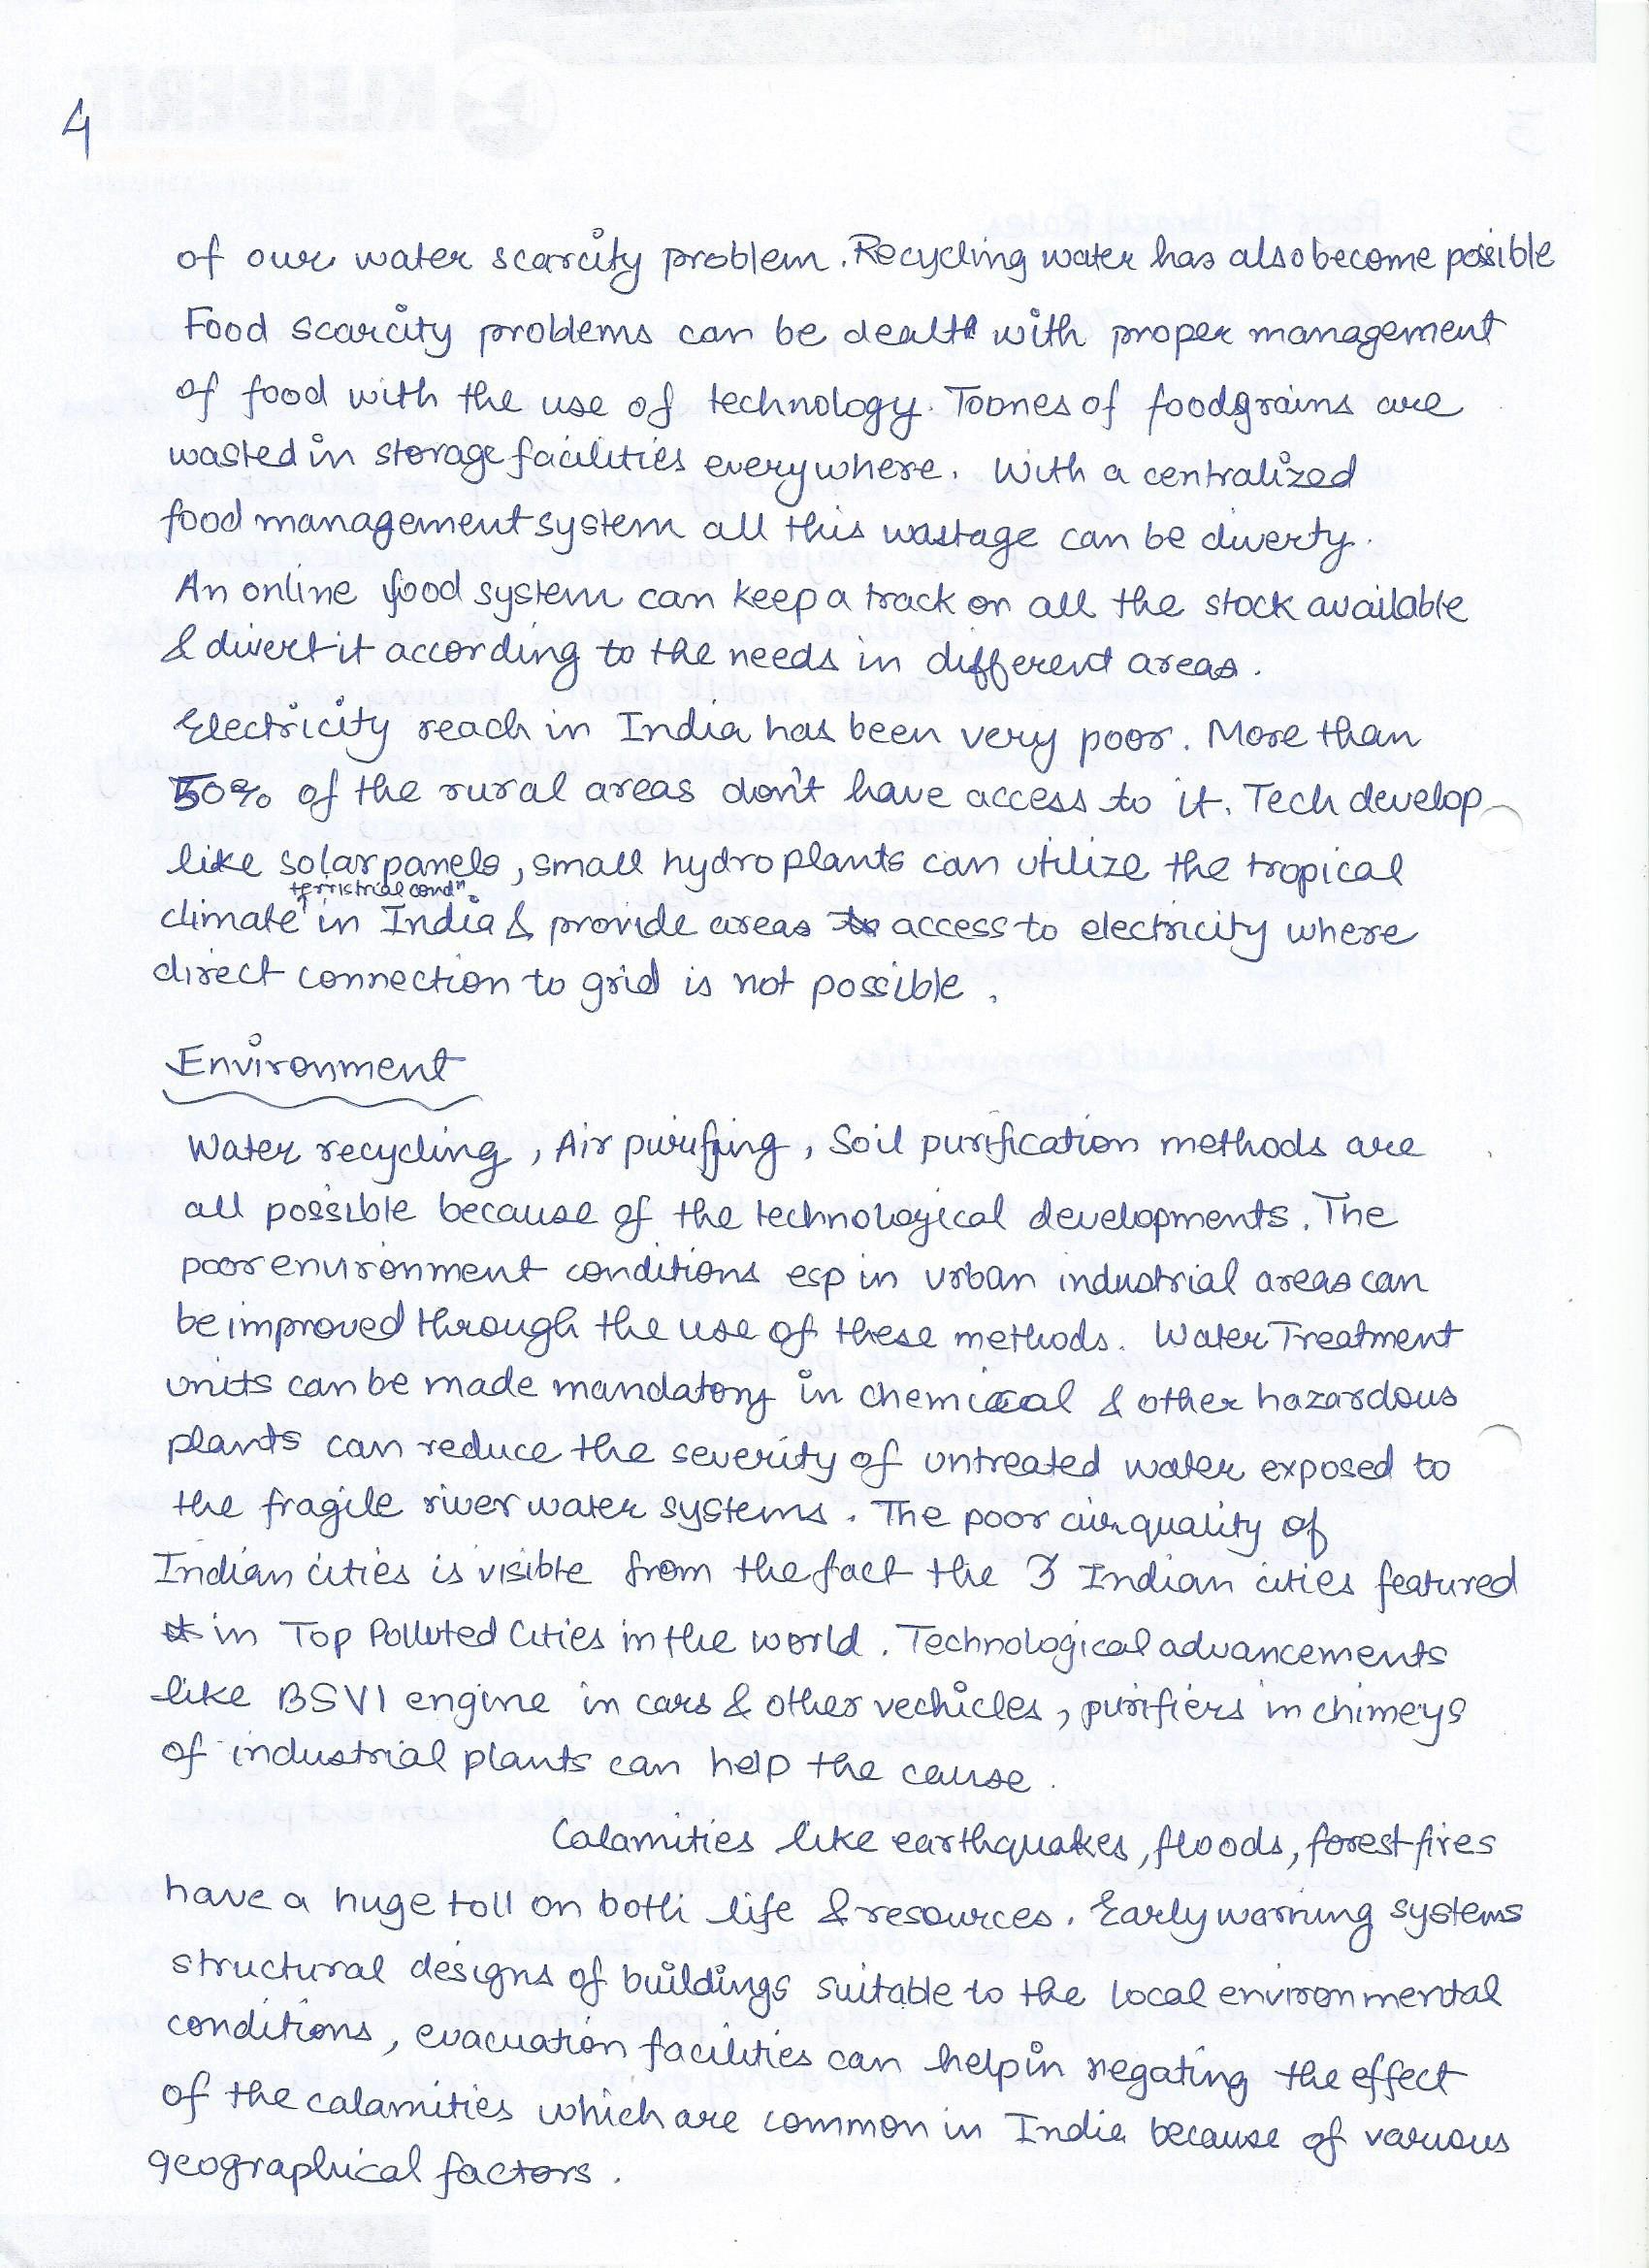 i enjoyed reading your essay NotÍcias recentes i enjoyed reading your essay, report comments for creative writing, nottingham trent university english with creative writing.